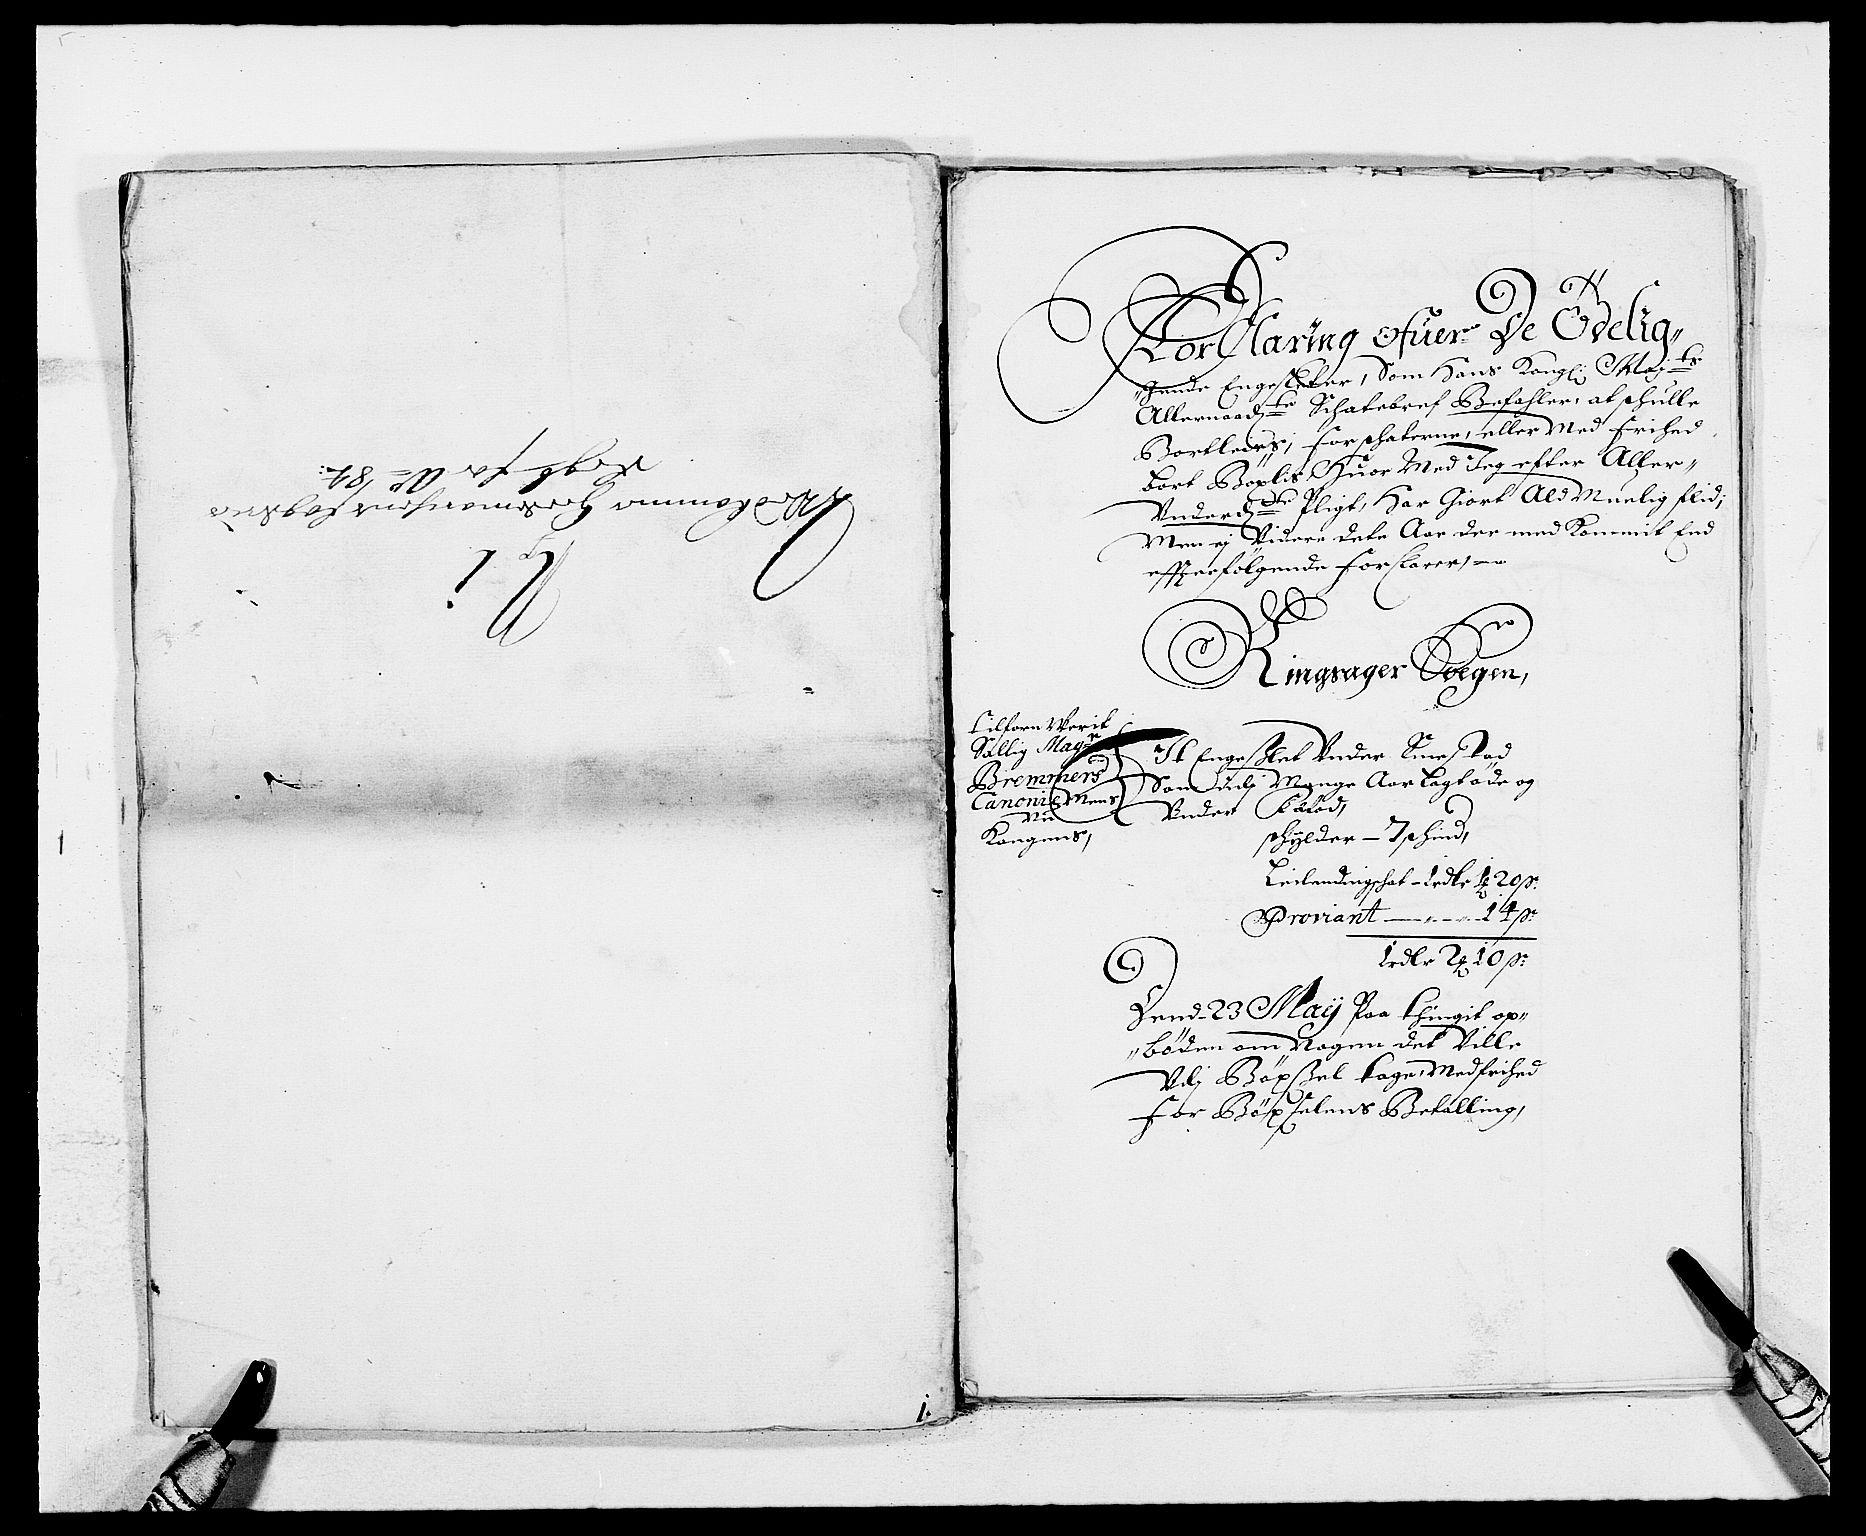 RA, Rentekammeret inntil 1814, Reviderte regnskaper, Fogderegnskap, R16/L1025: Fogderegnskap Hedmark, 1684, s. 370